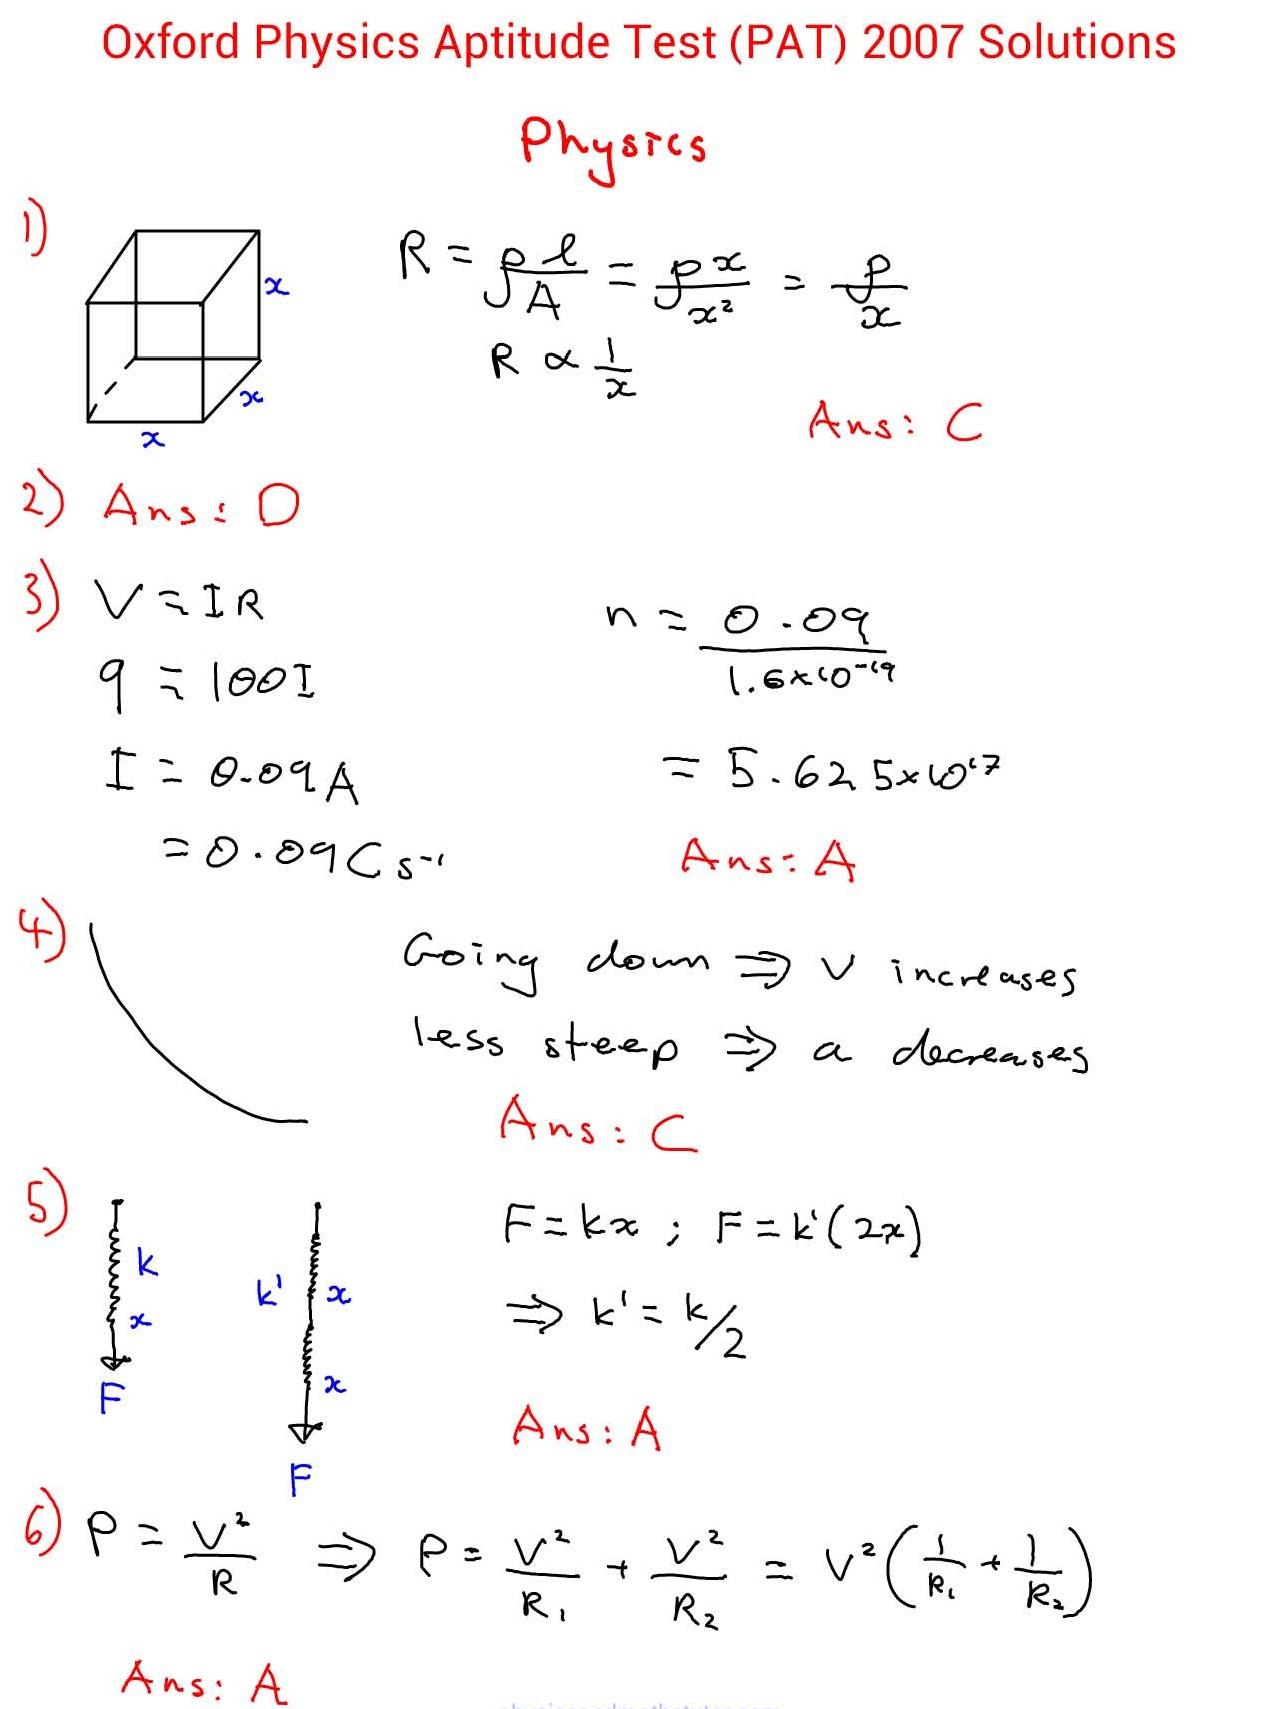 pat2007solutions真题与答案解析